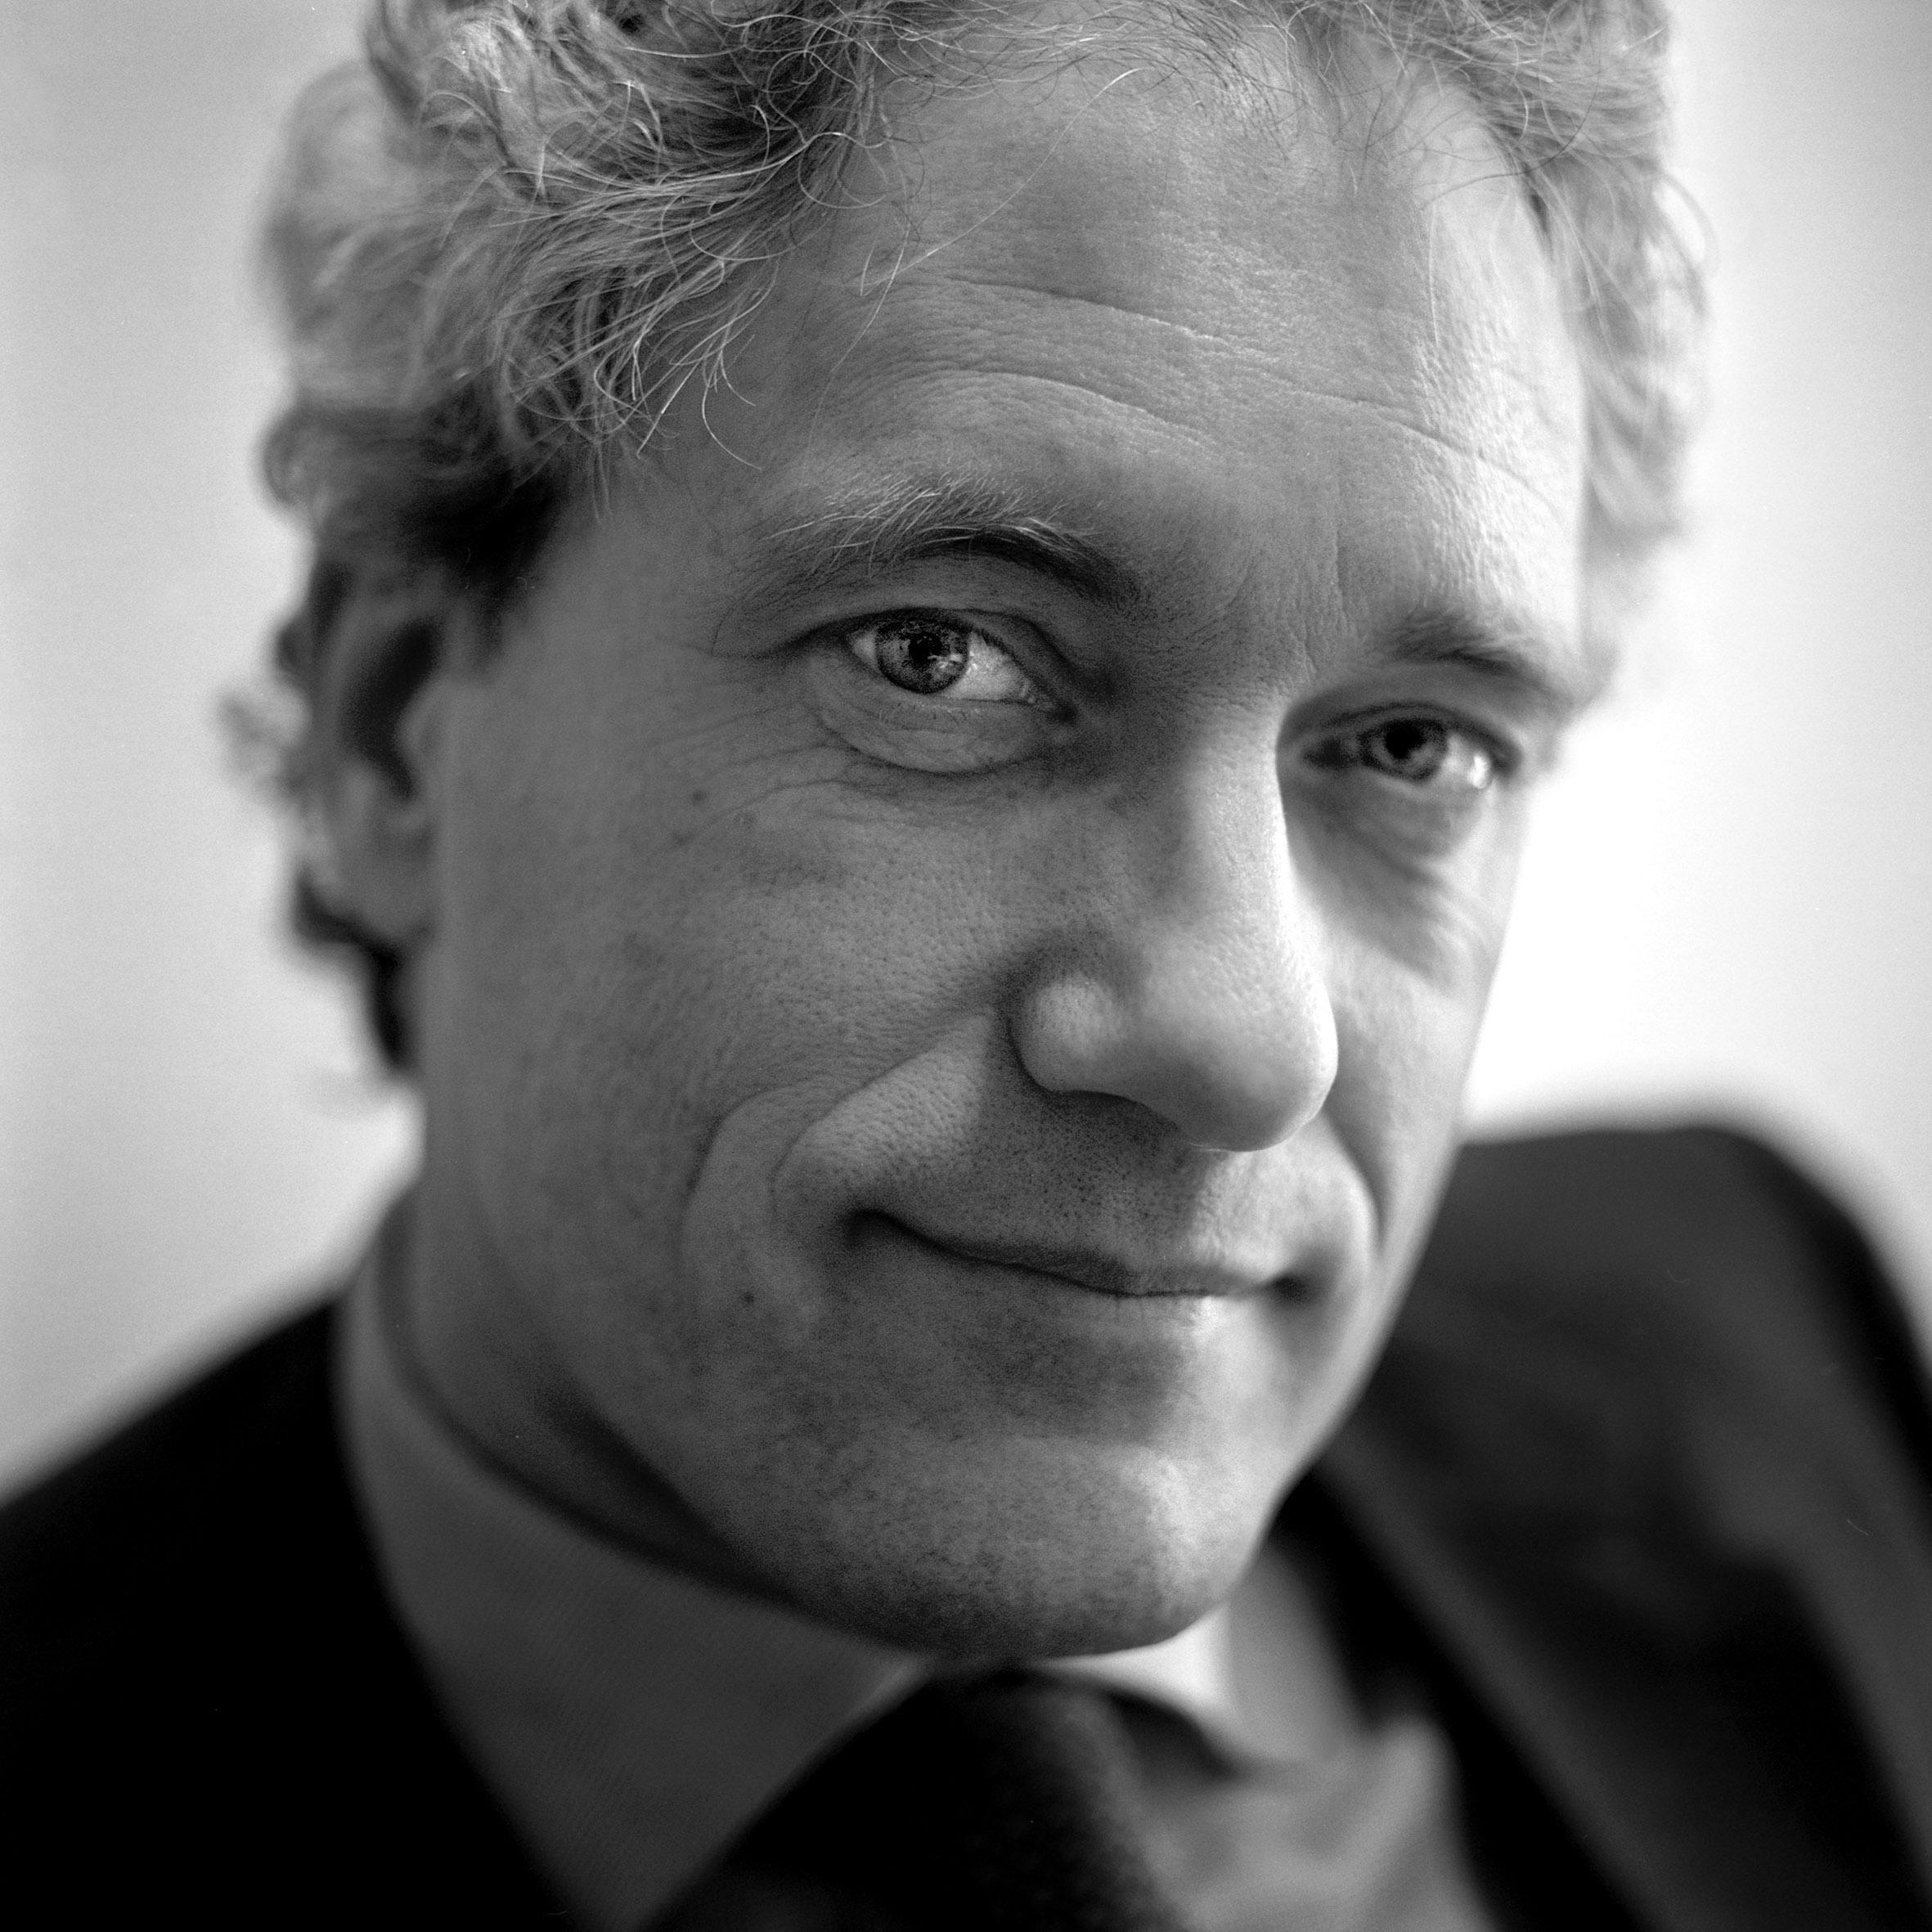 De Volkskrant, Thom de Graaff, voormalig minister voor Bestuurlijke Vernieuwing en Koninkrijksrelaties